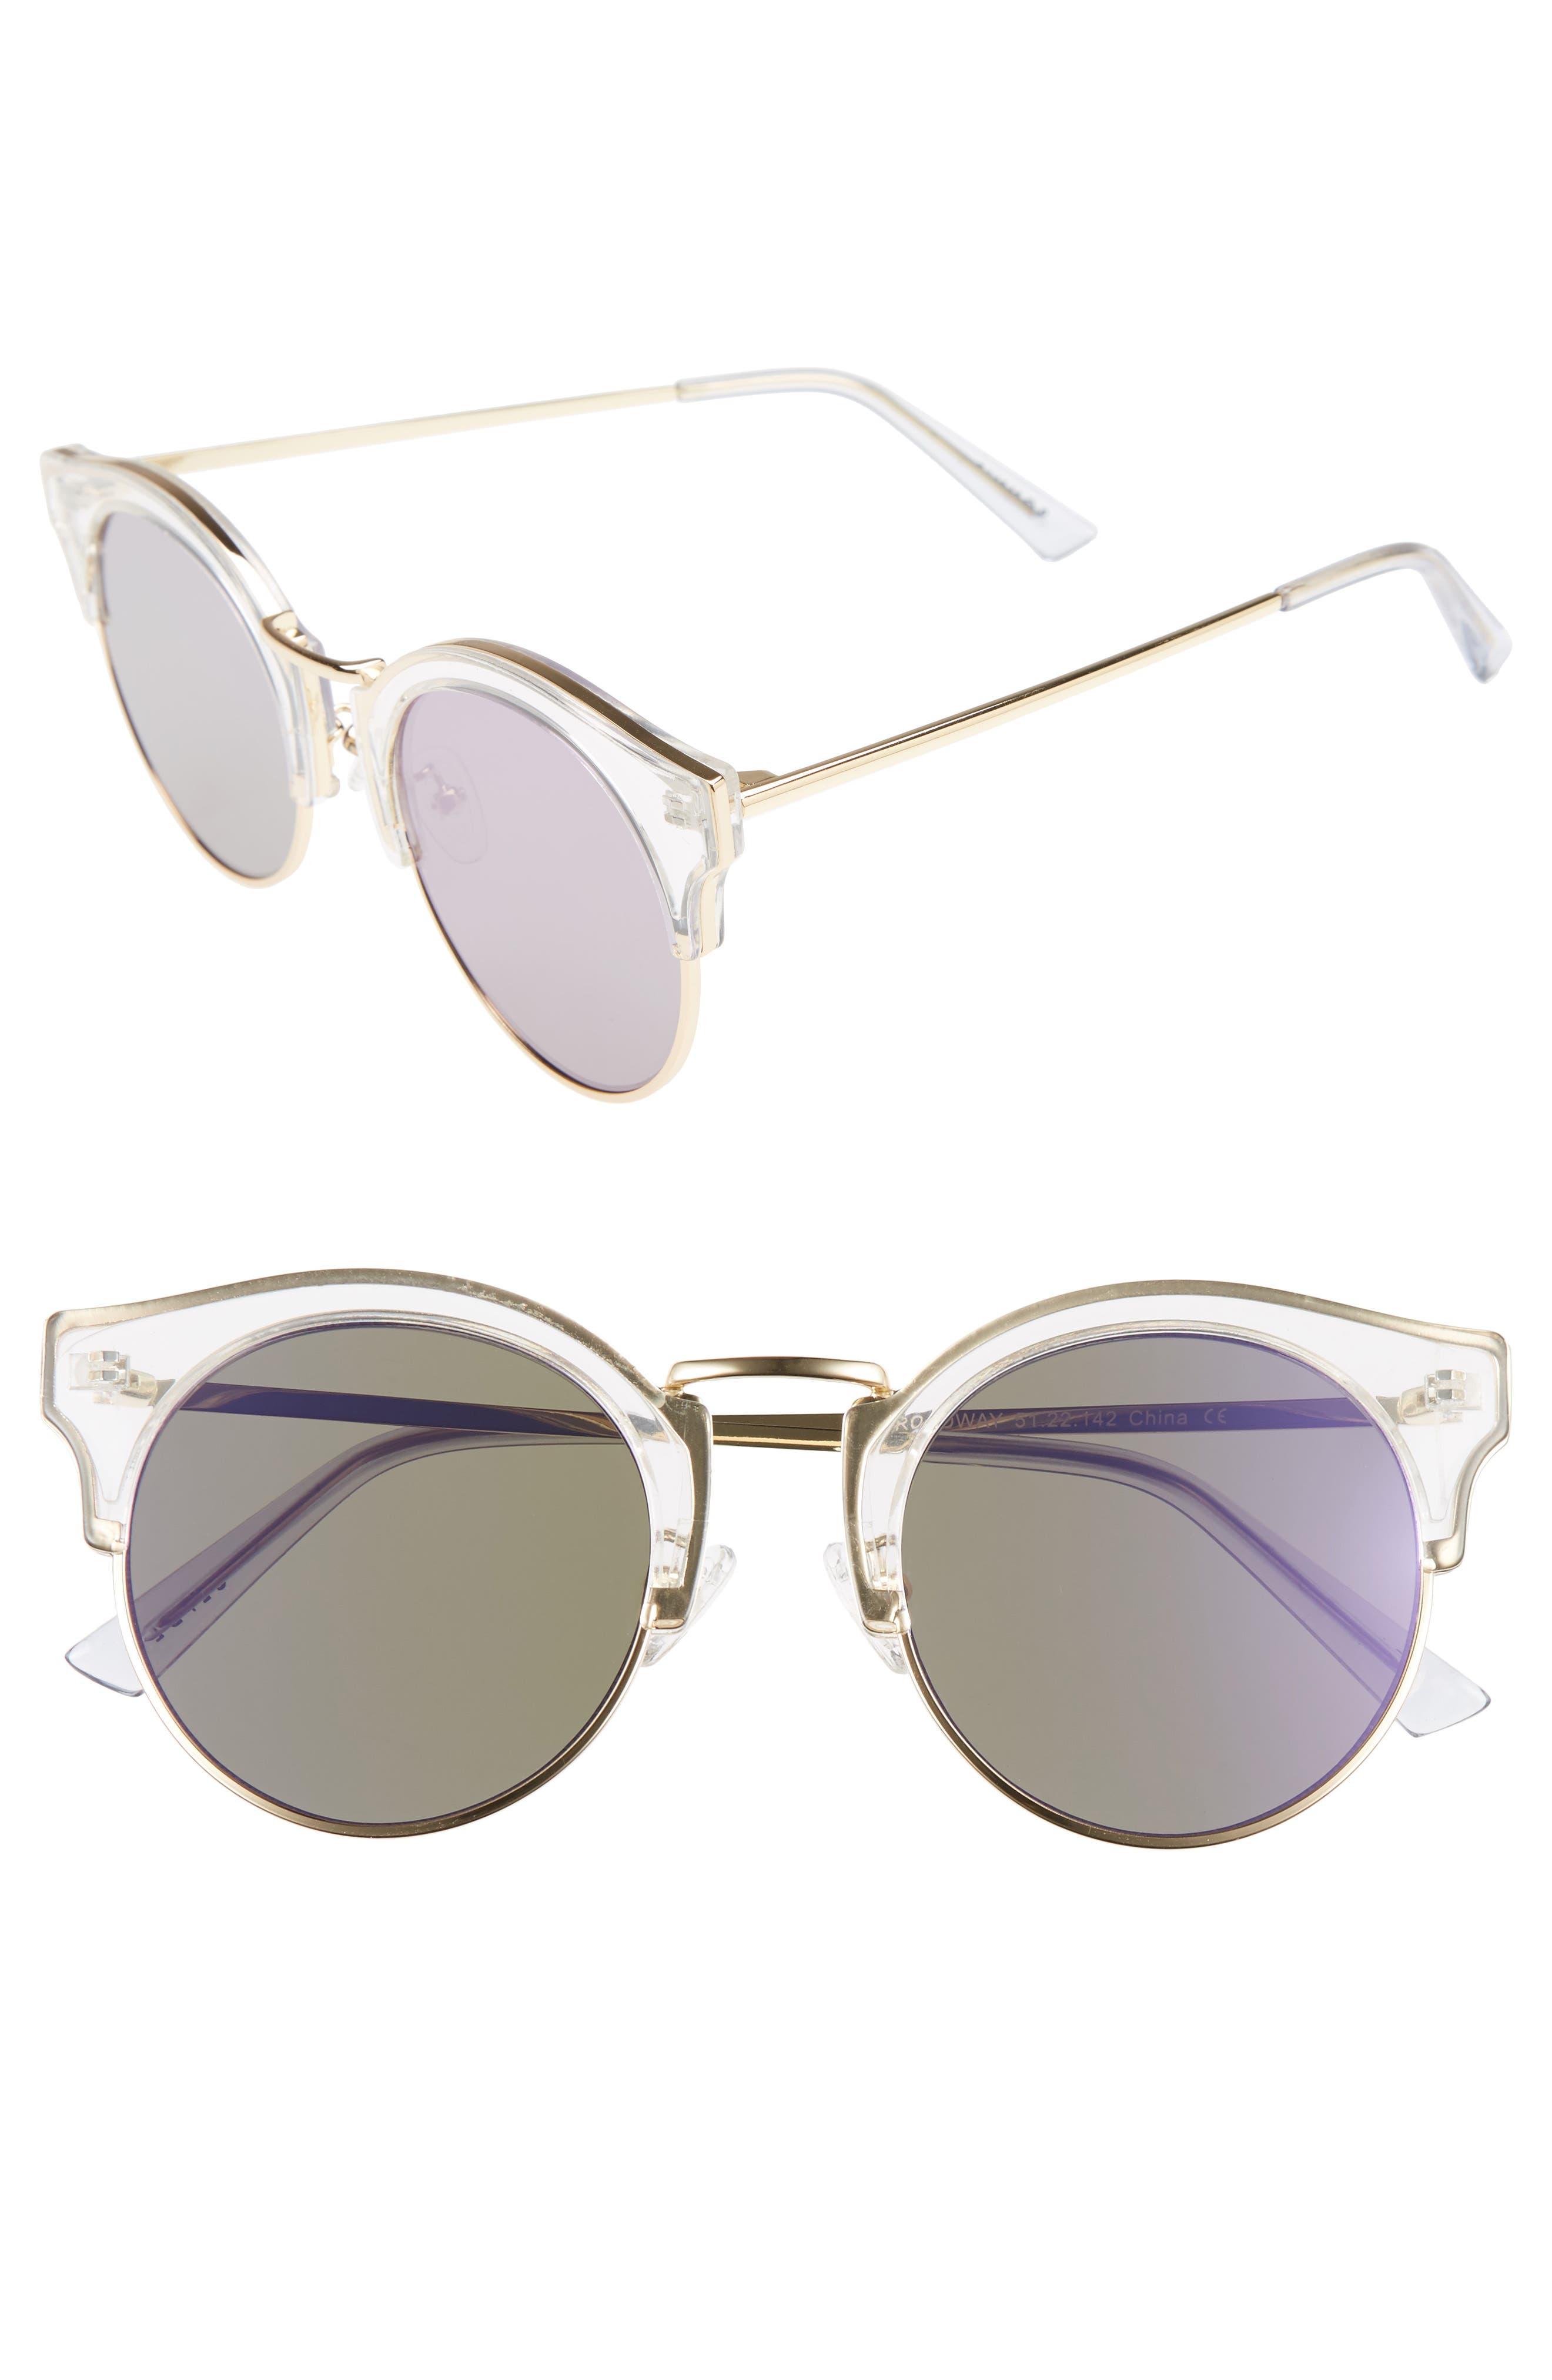 Broadway 51mm Retro Sunglasses,                         Main,                         color, Lavender